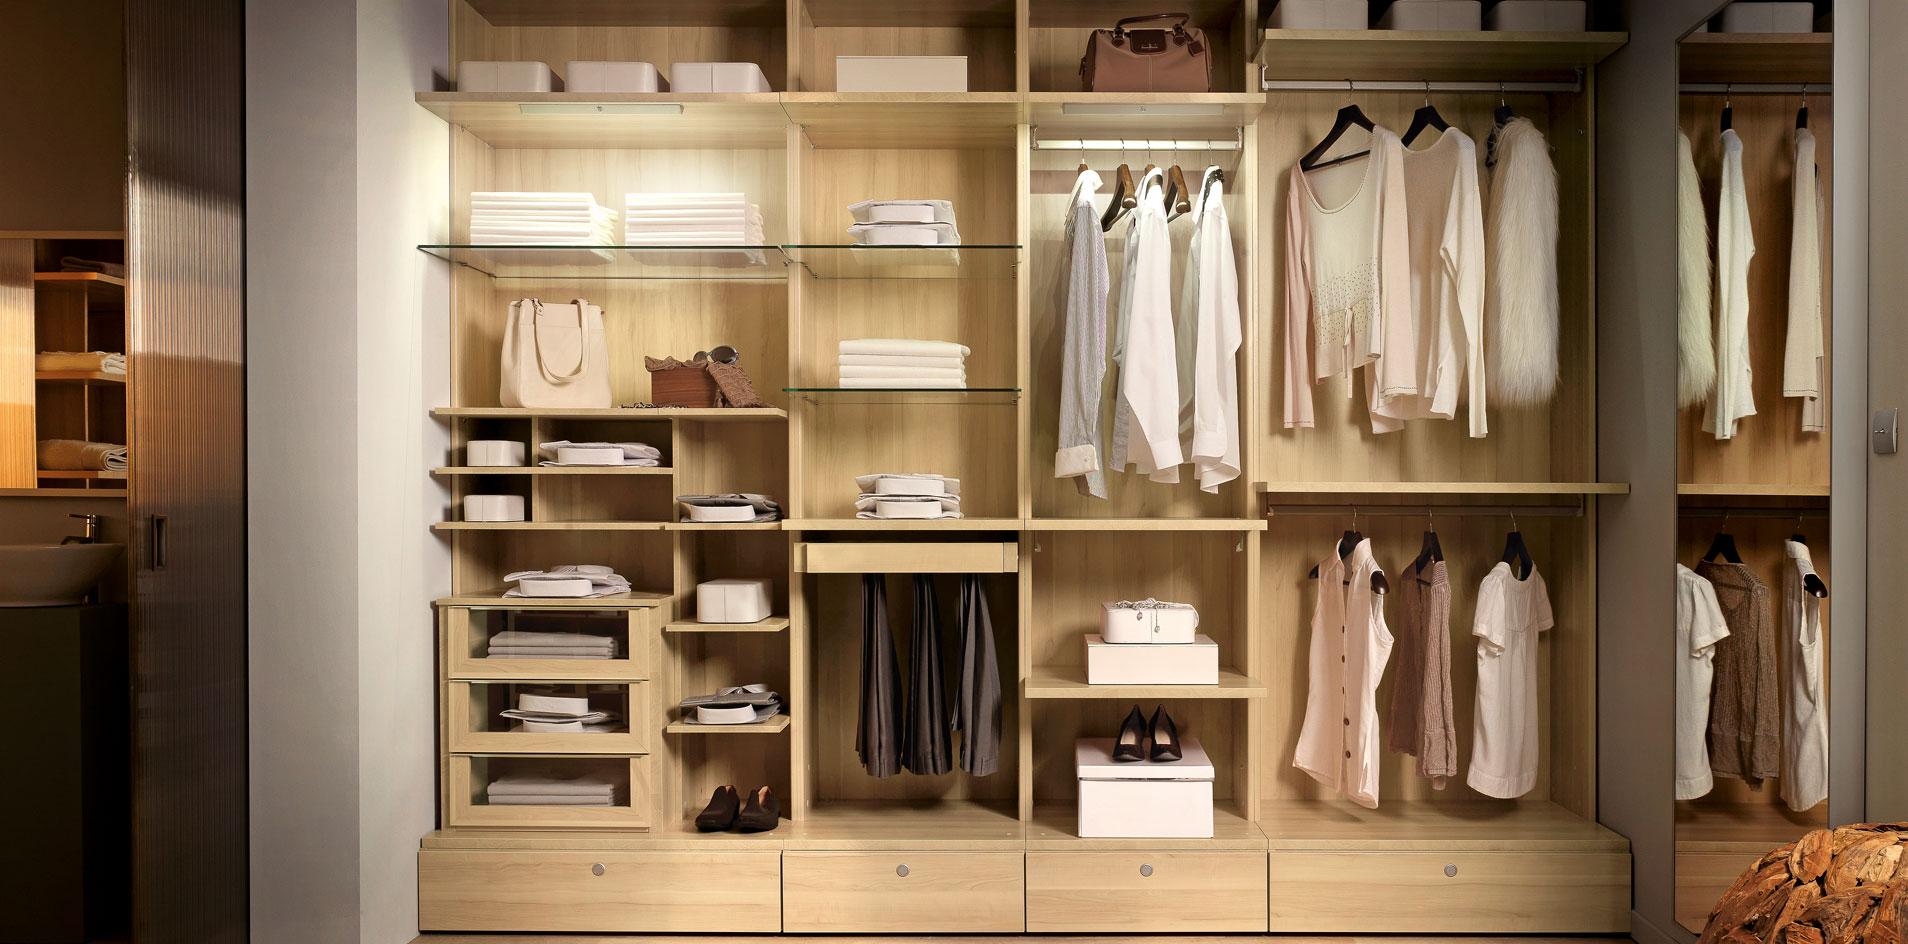 Grand Dressing Sur Mesure dressings : j'ai fait le choix du sur mesure pour ce meuble